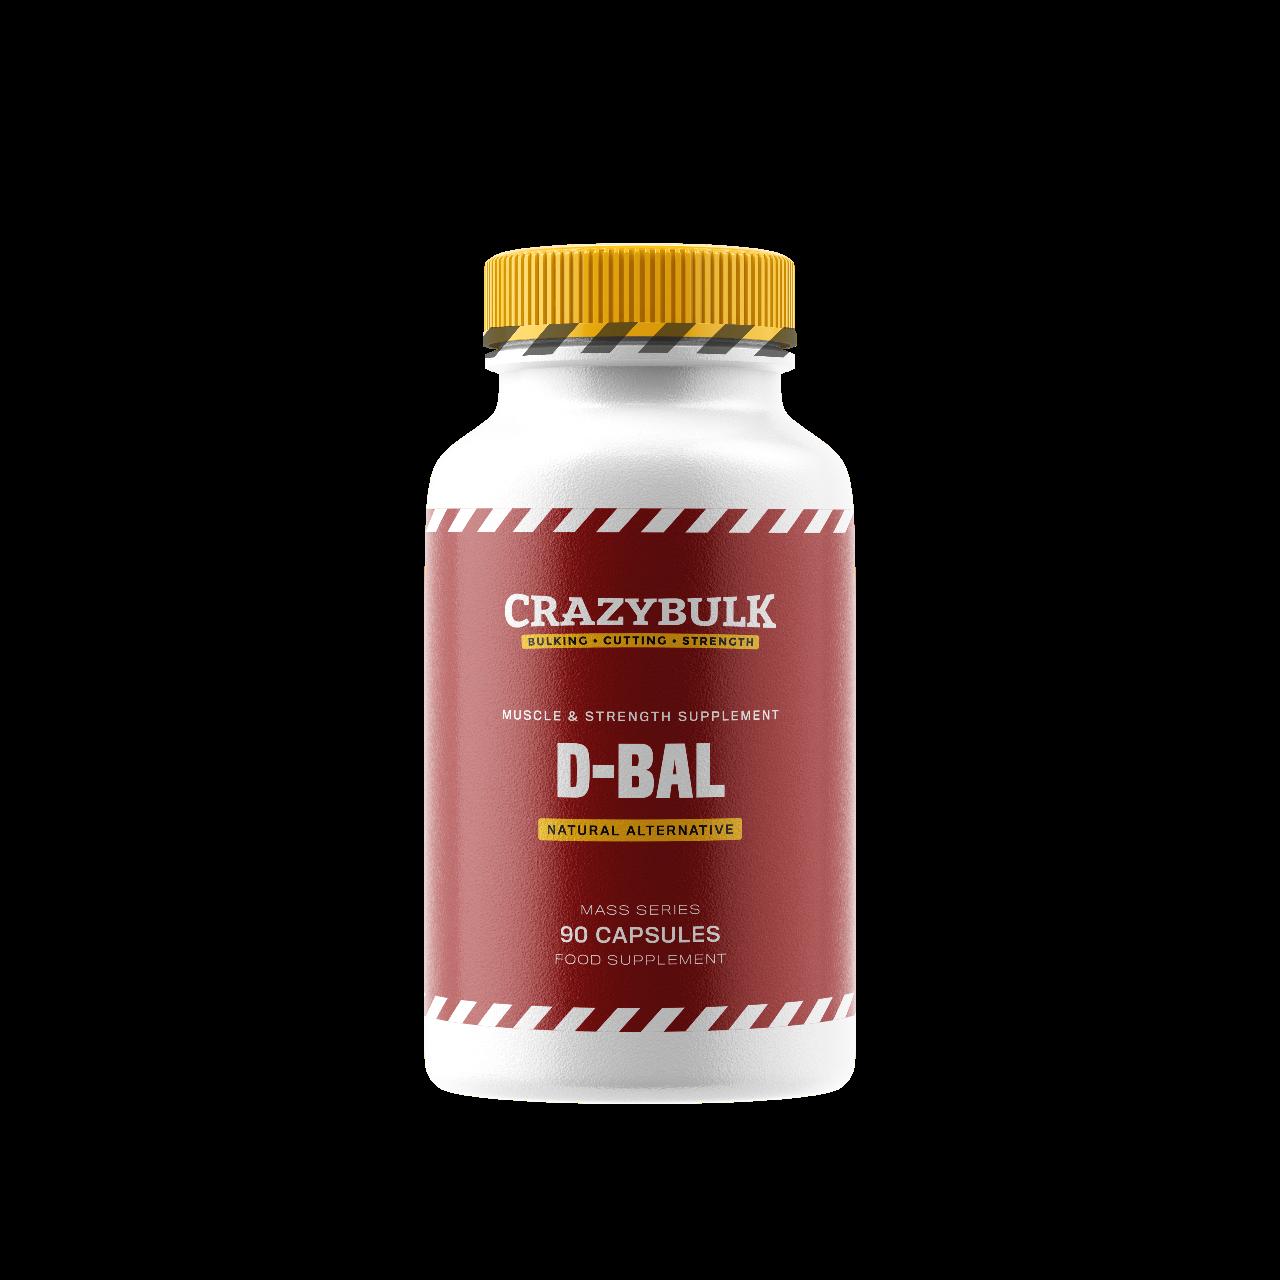 D-bal Crazybulk-Honest Review-Best Bulking Supplement (2020 ...